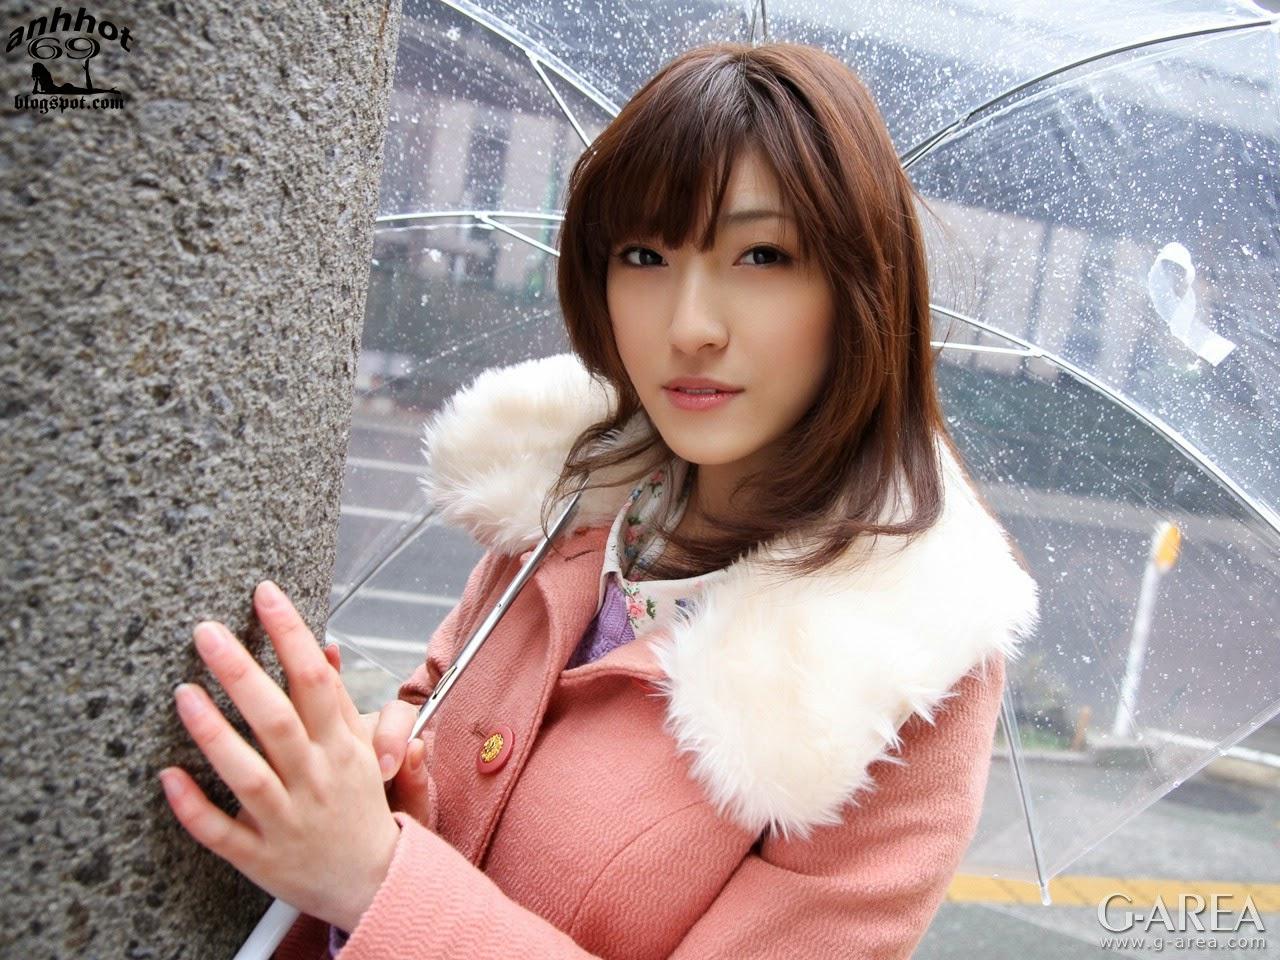 kanako-iioka-02126900